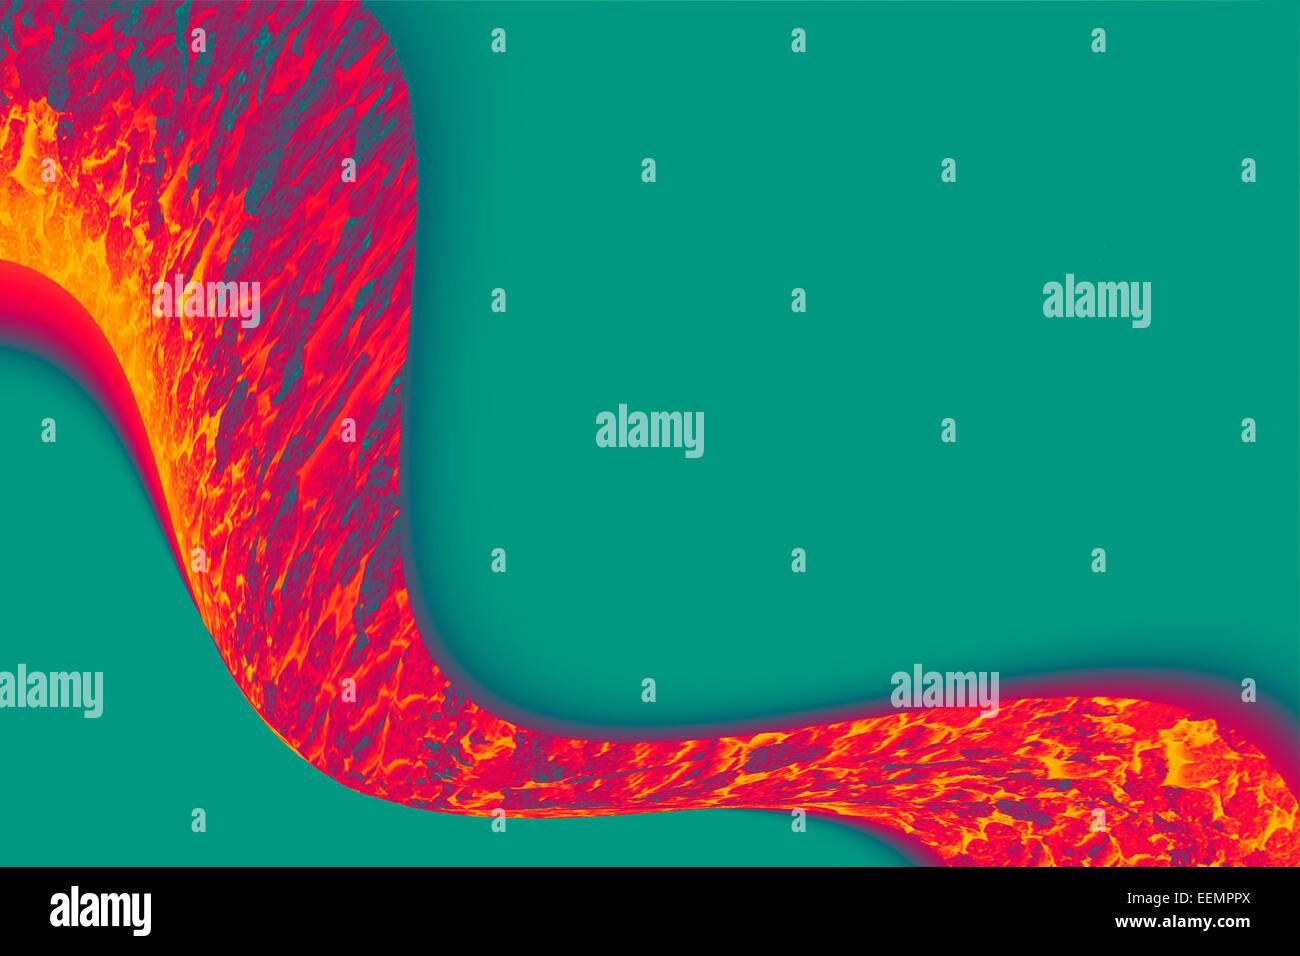 Digital Imaging. - Stock Image